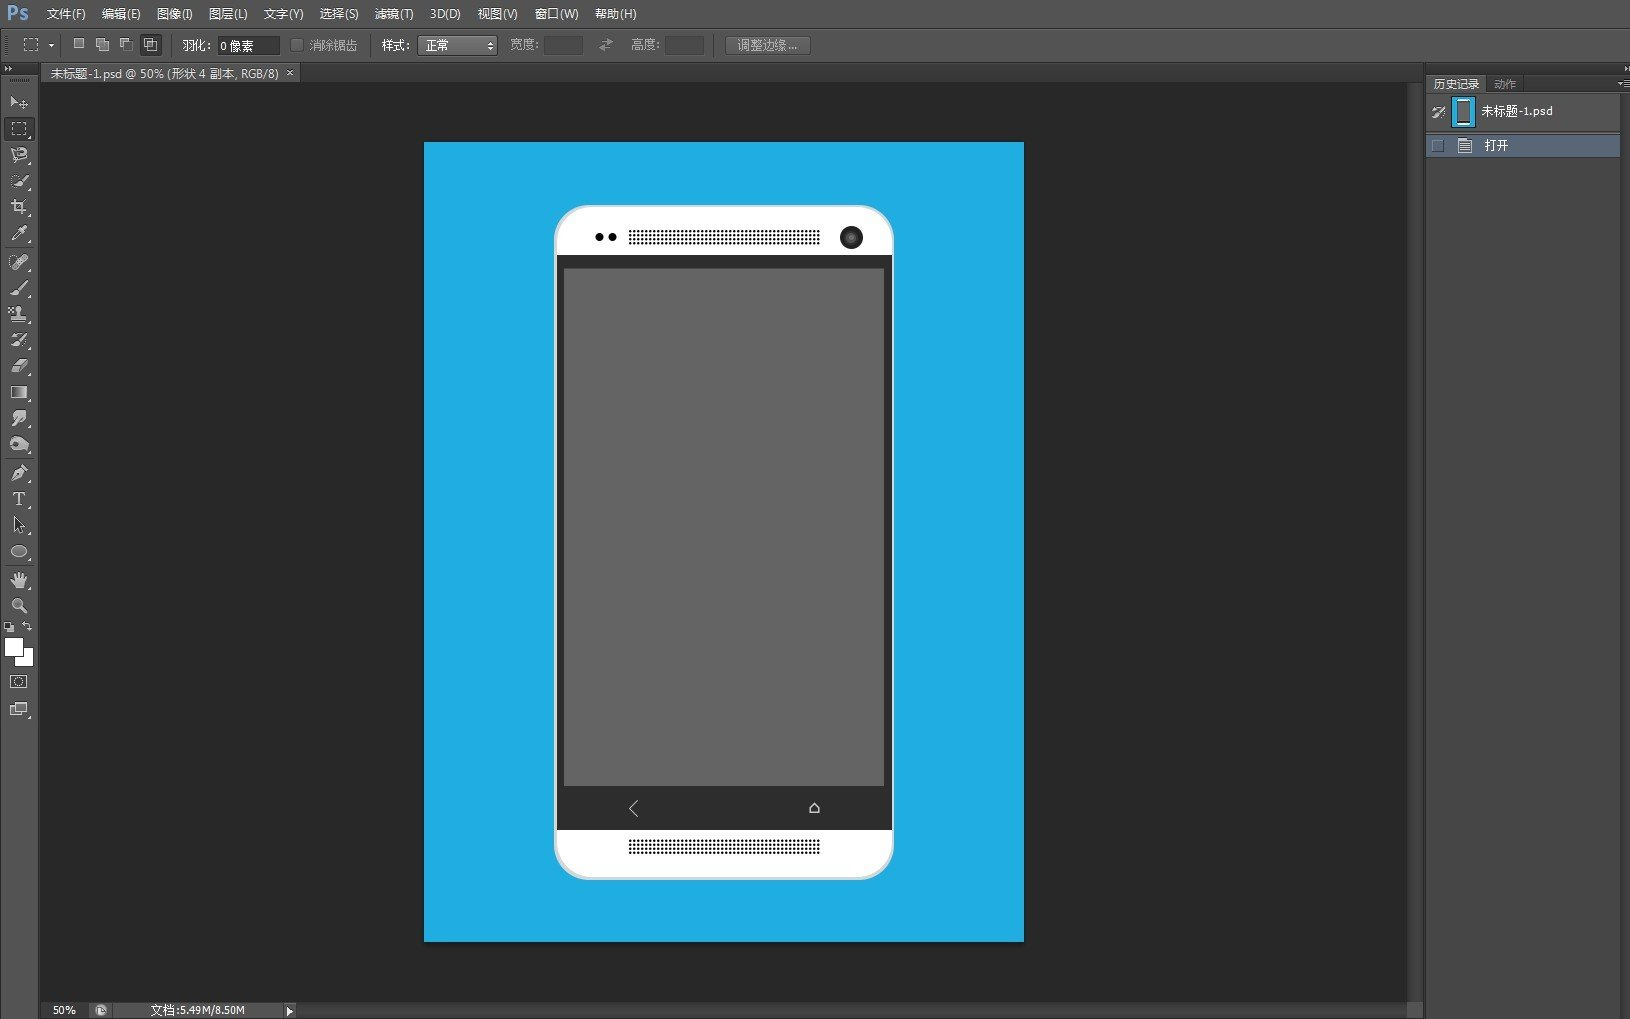 photoshop制作扁平化htc one - 手机界面设计,手机ui图片